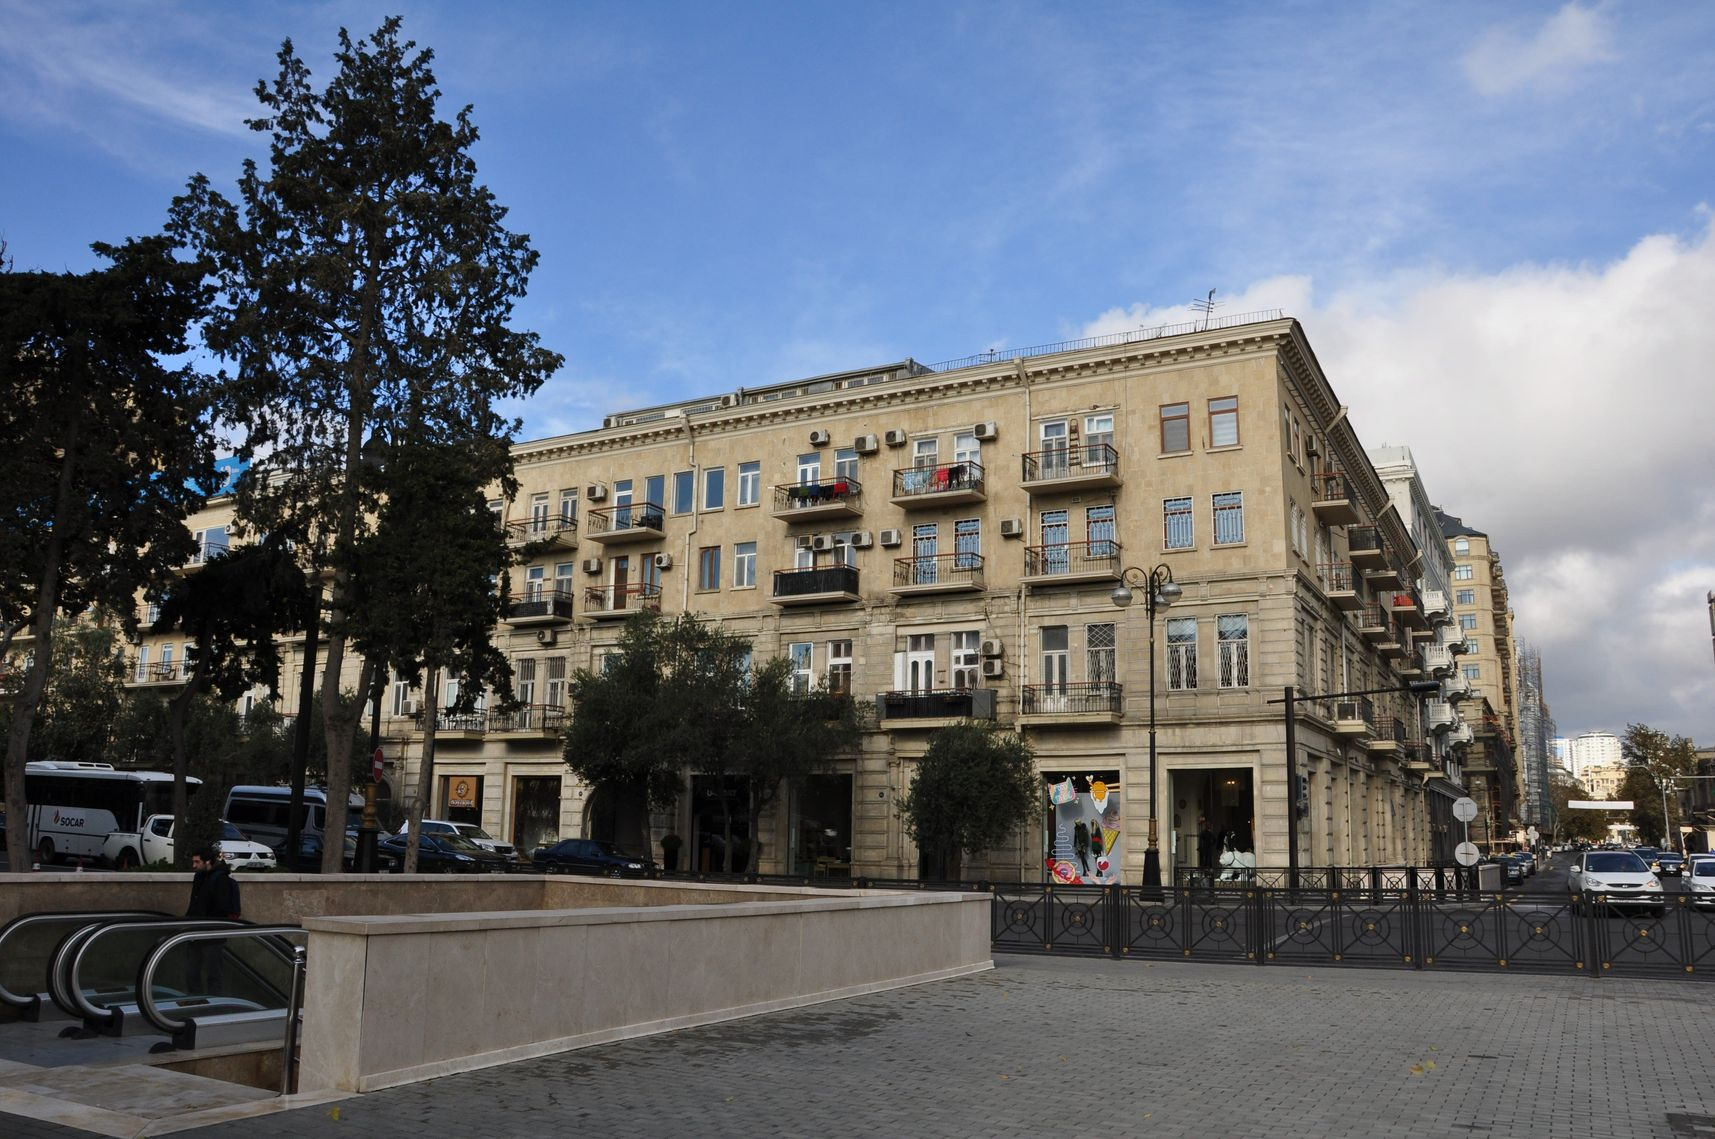 В Баку из Казани. Дом на проспекте Нефтяников (вид с набережной) - 3200 за двое суток